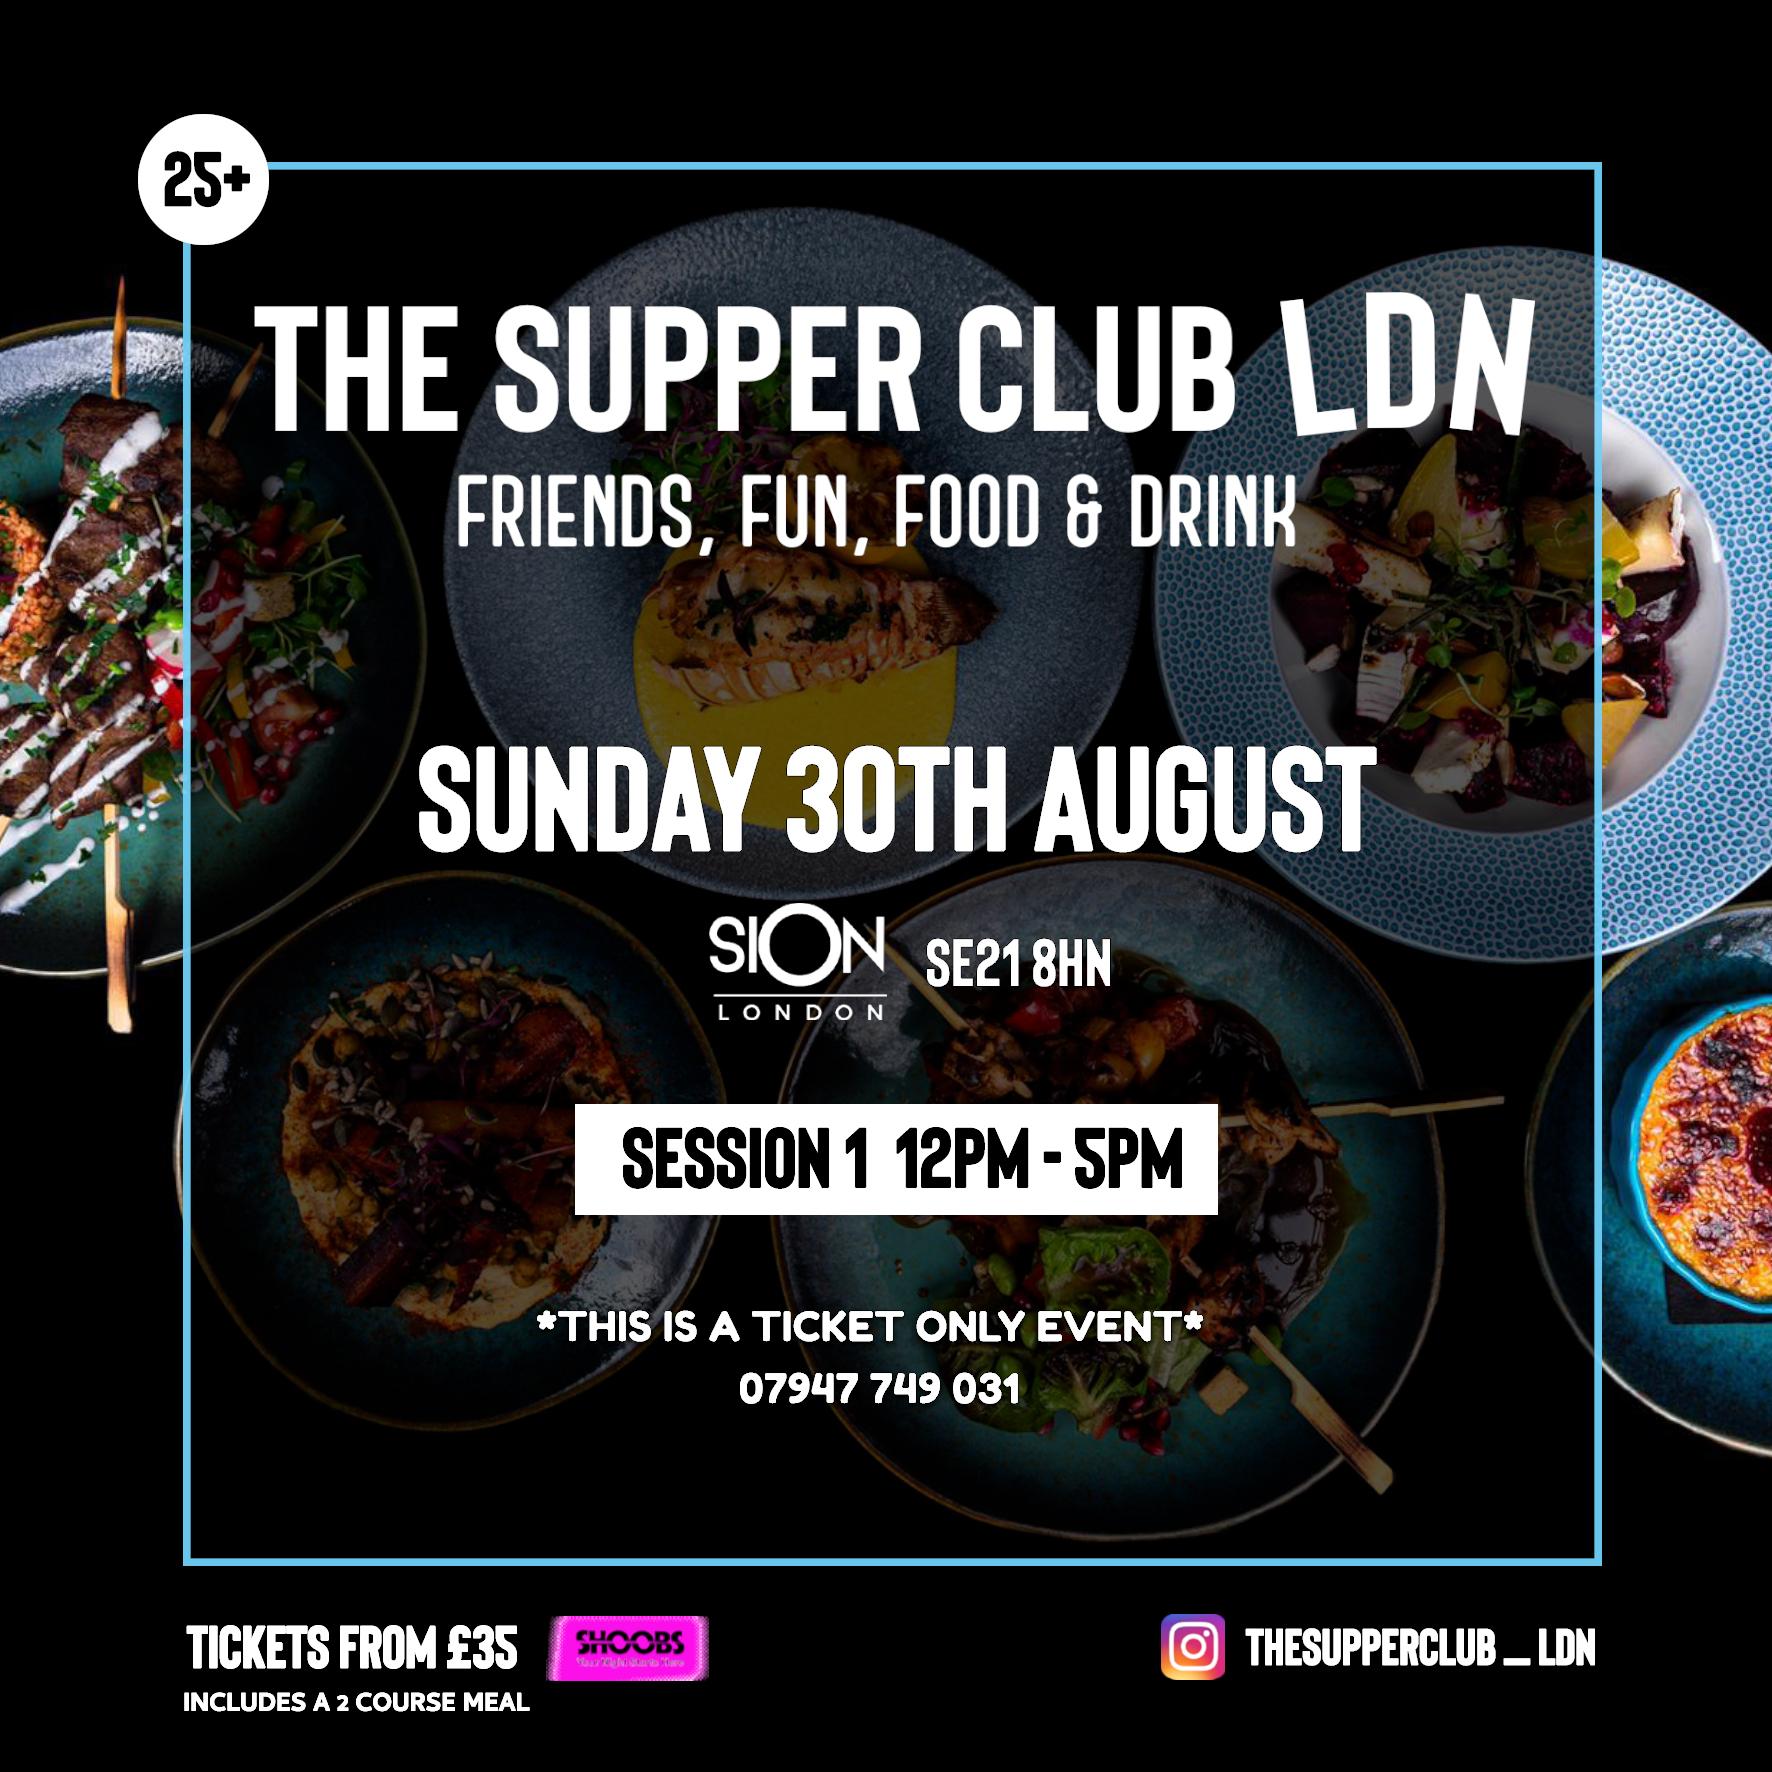 The Supper Club LDN - Sun Aug 30th (12pm-5pm)